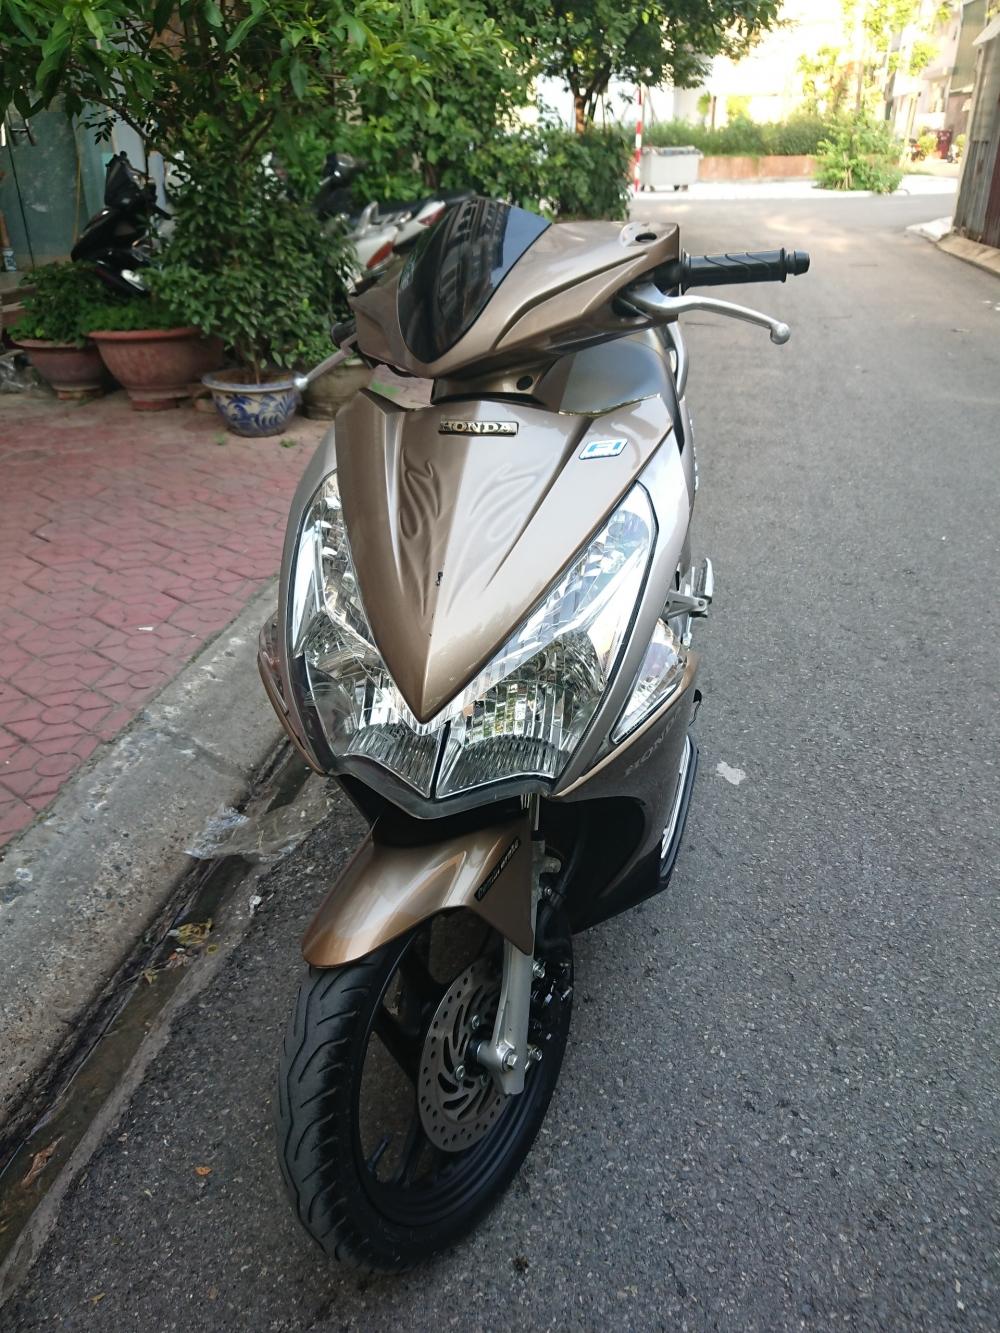 Rao ban Air blade fi 2012 cao cap tu tinh 3D vang dong chinh chu su dung HN - 2